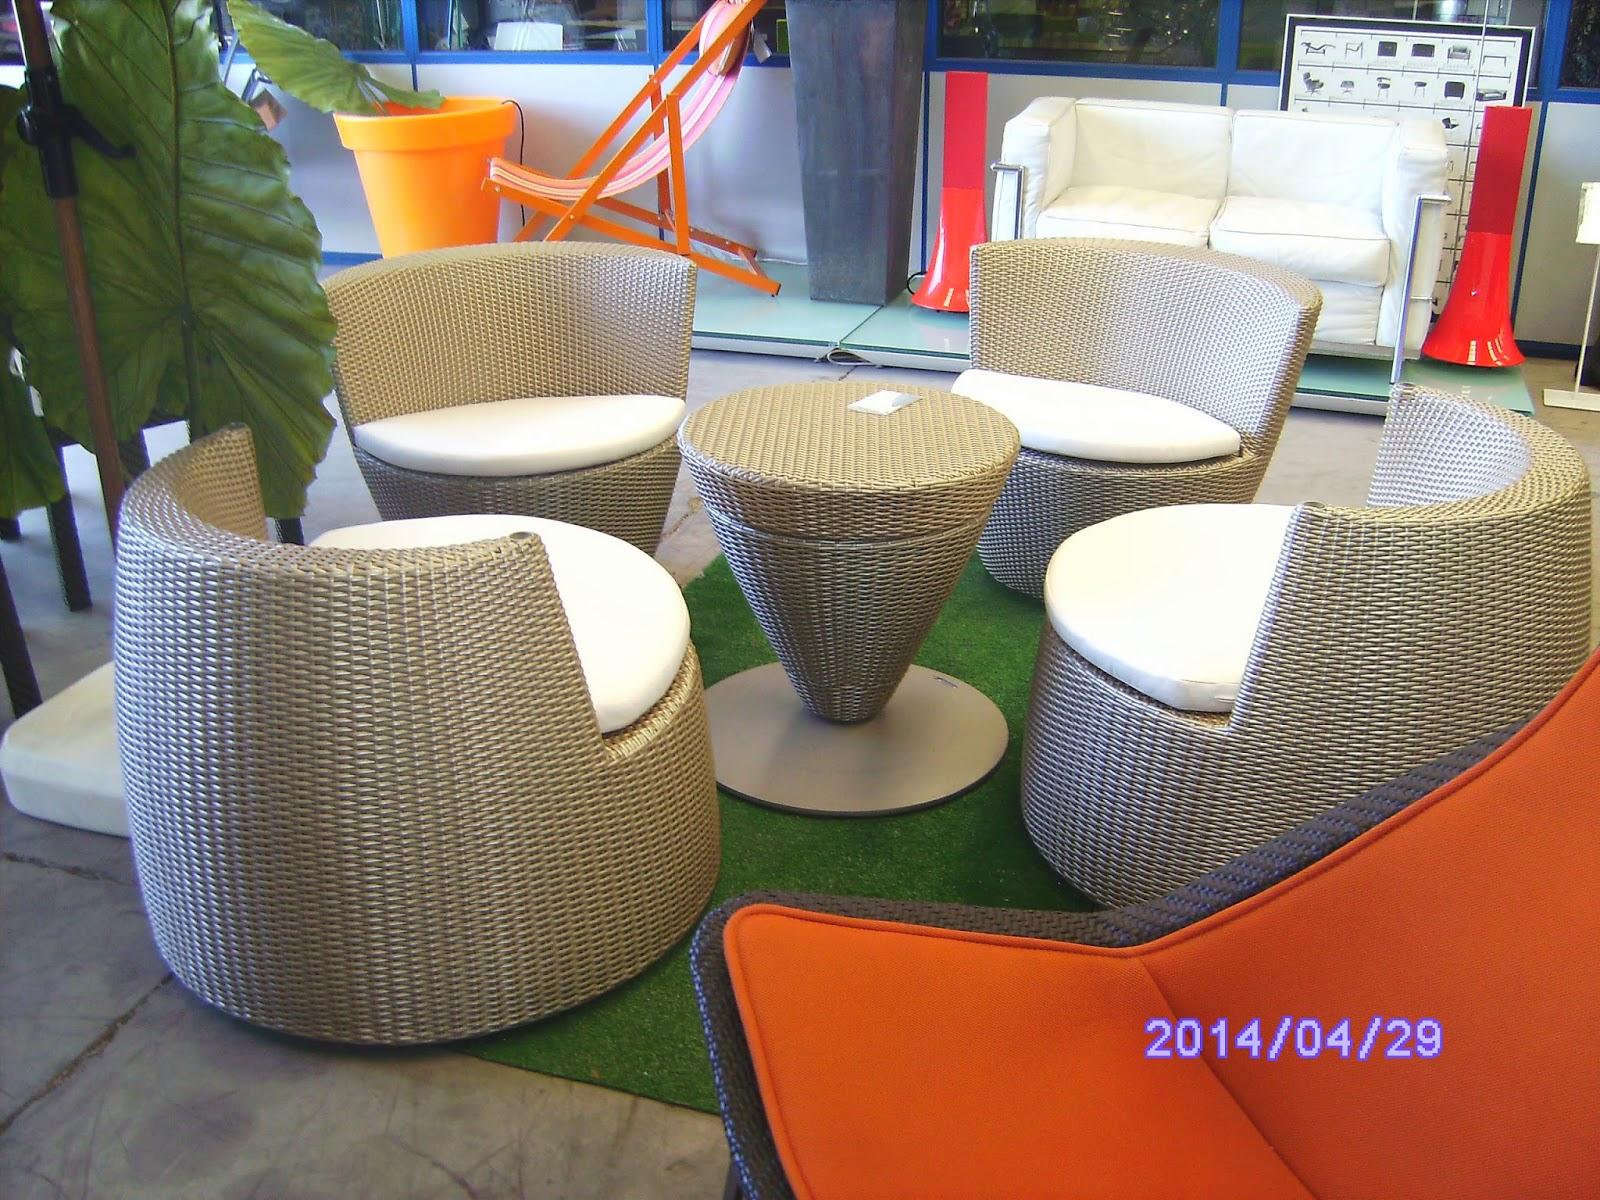 Productos de muebles para terraza y jard n for Muebles para terraza y jardin